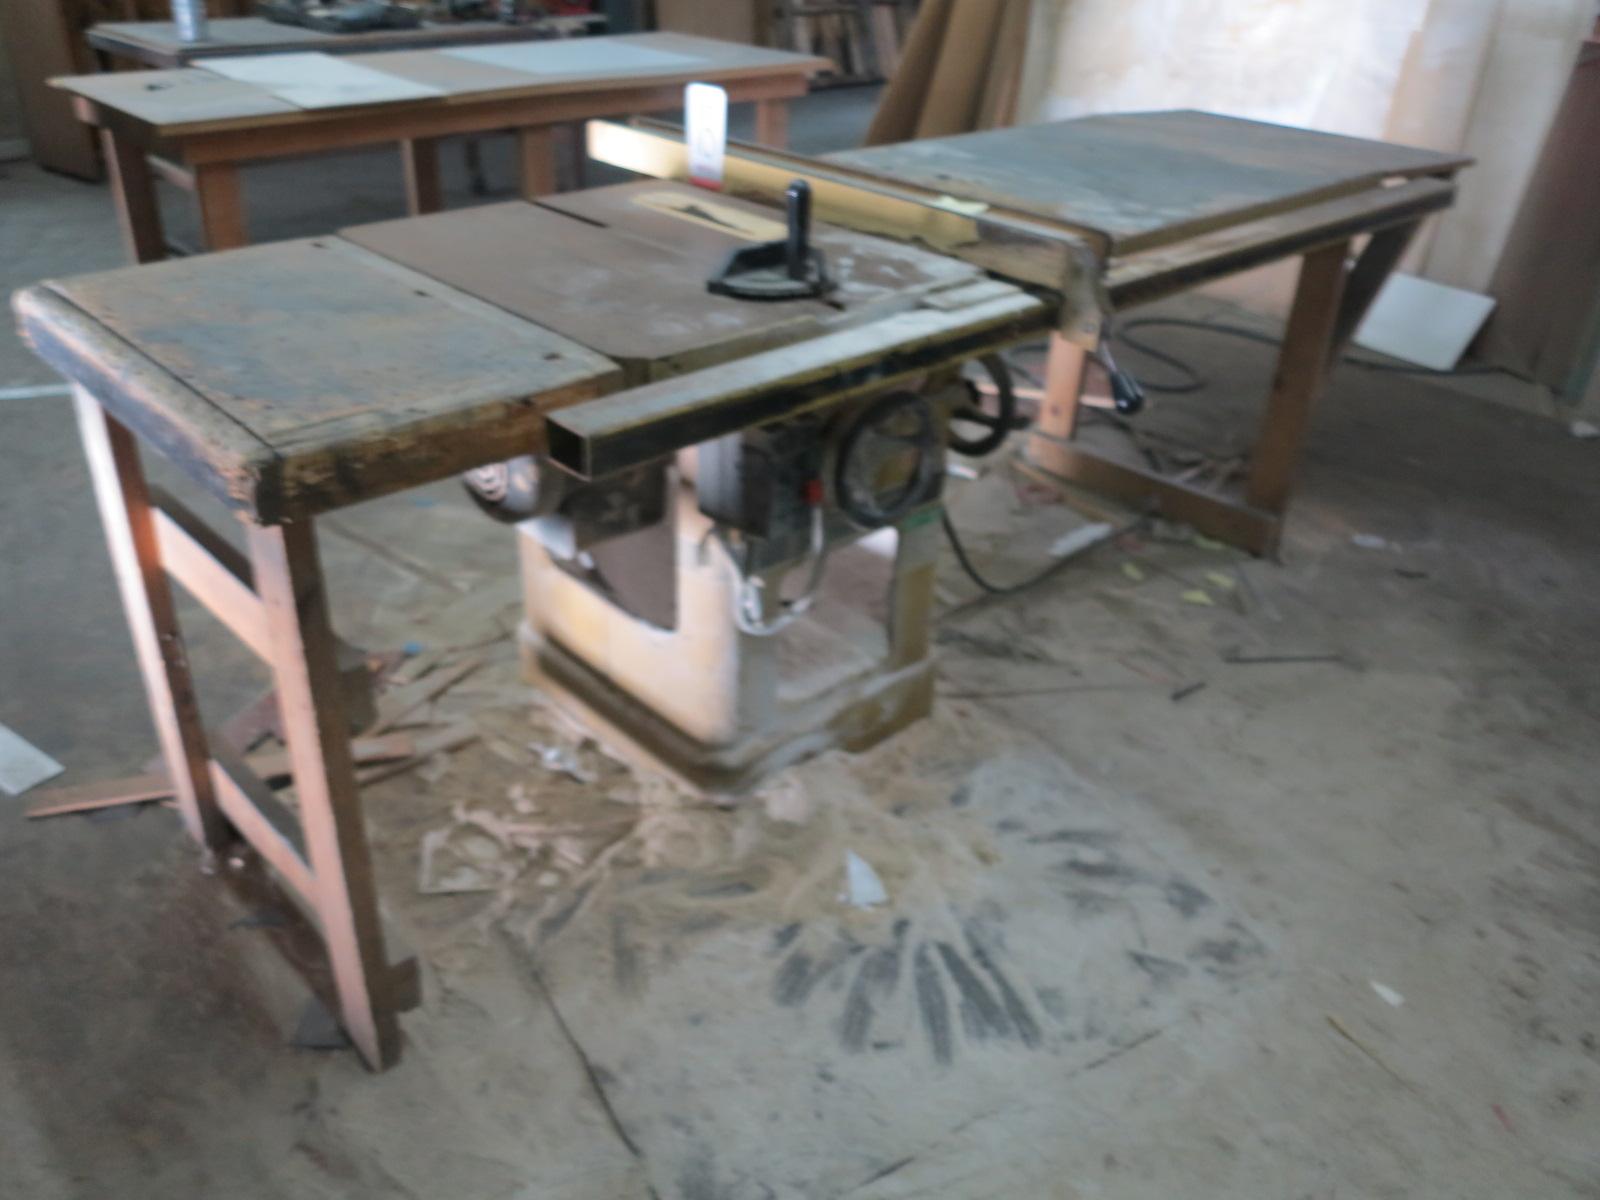 """POWERMATIC 10"""" TABLE SAW, MODEL 66, S/N 97662265, GOOD WORKING ORDER"""